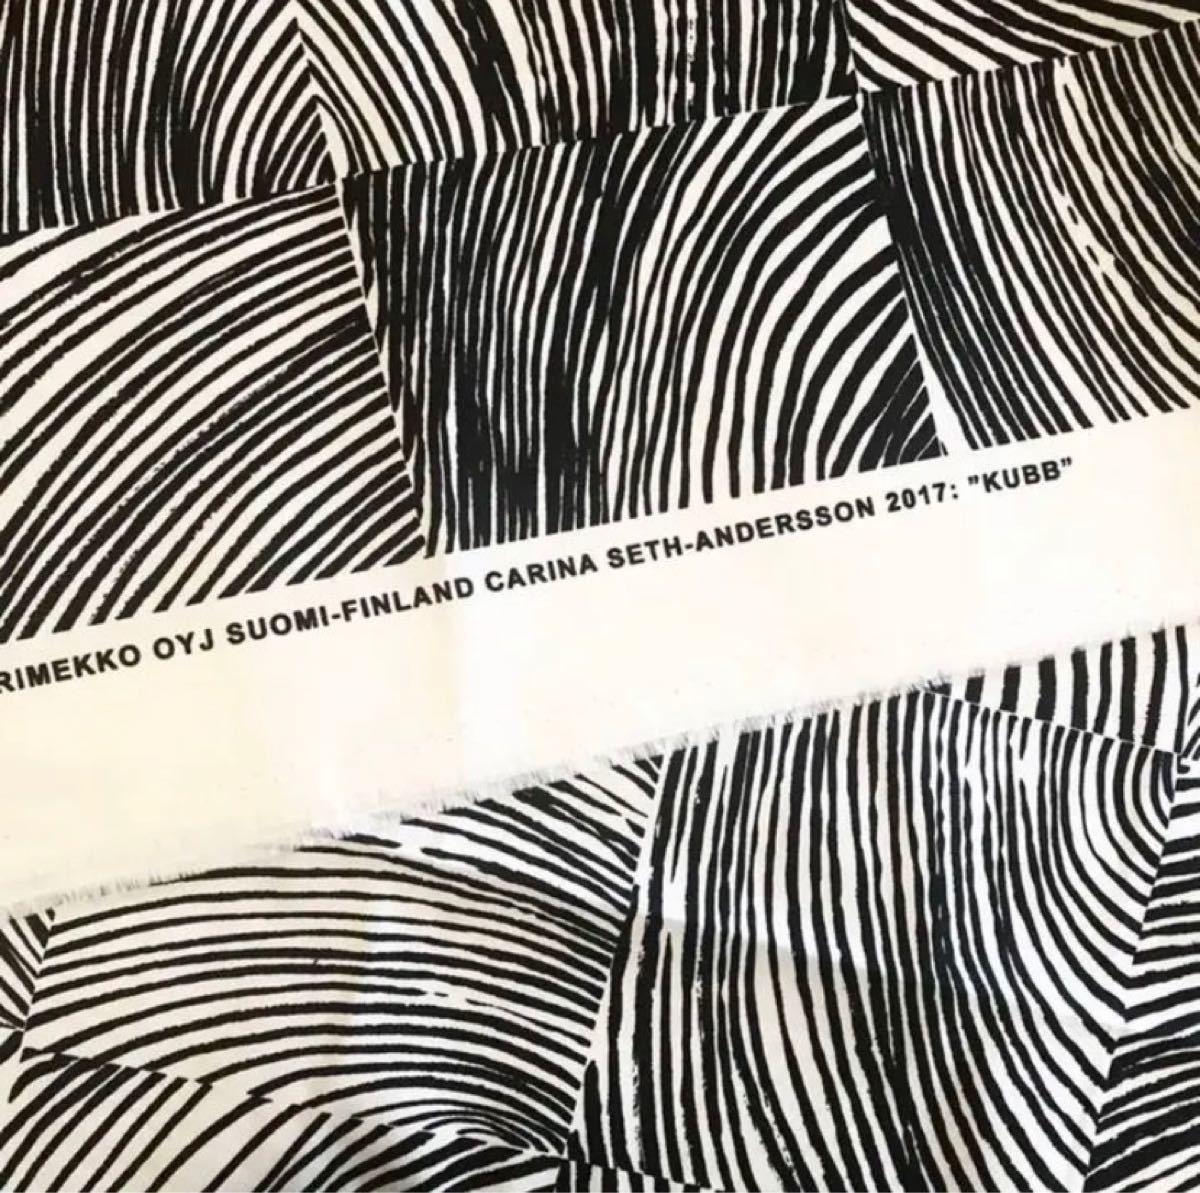 レア★marimekko はぎれ プロダクト 生地 kubb モノトーン 服飾 ワンピース マリメッコ 布 洋裁